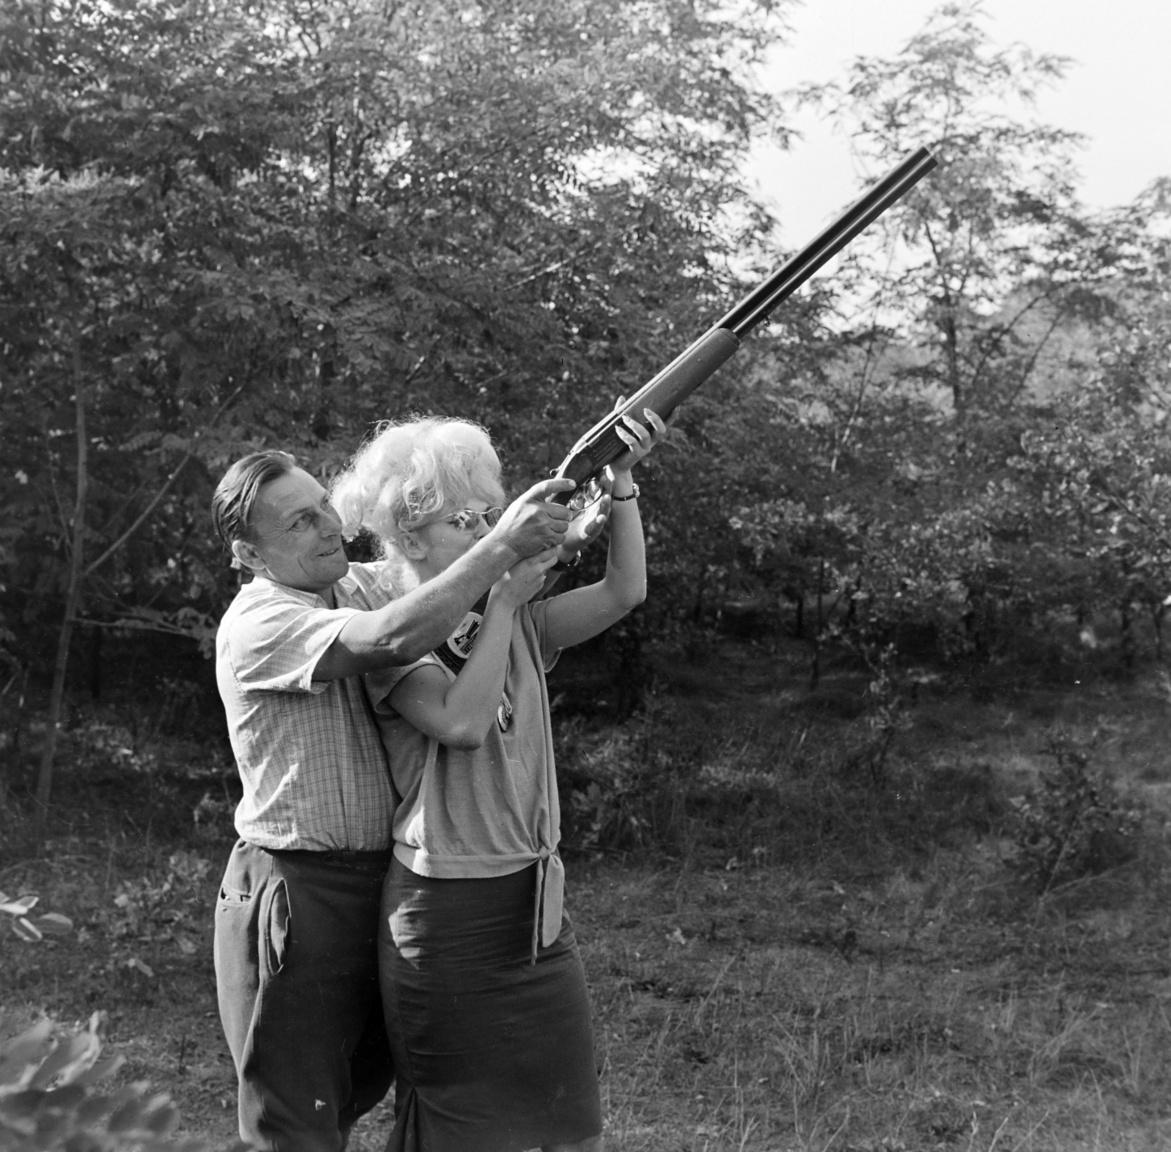 """Mire céloznak? Olasz nő és férfi lőfegyverrel, 1965A külföldi vadászok száma jelentősen nőtt: az 1959-1960-as idényben nyolcszázan jöttek, az 1961-1962-es időszakban már ezeregyszázan. Eleinte csak nyugatnémet vadászok, de 1962-ben olasz, osztrák, francia, belga, svéd, dán, norvég és angol vendégek is. Kádár egyébként nem volt híve a jó hangulatú, de fegyelmezetlen családi vadászatoknak – legalábbis az Egyetértés Vadásztársaságon belül. Ezért aztán idővel külön vadászatokat szerveztek a pártgyerekek és a pártfeleségek számára: megalakult az Ifjú Nimród Vadásztársaság, és kísérletet tettek a """"nimródhölgyek összefogására"""". Végül a láb alatt lévő nyugdíjasoktól is megtisztították az Egyetértést, őket az egymás között elfekvőként emlegetett Barátság Vadásztársaságba száműzték,"""